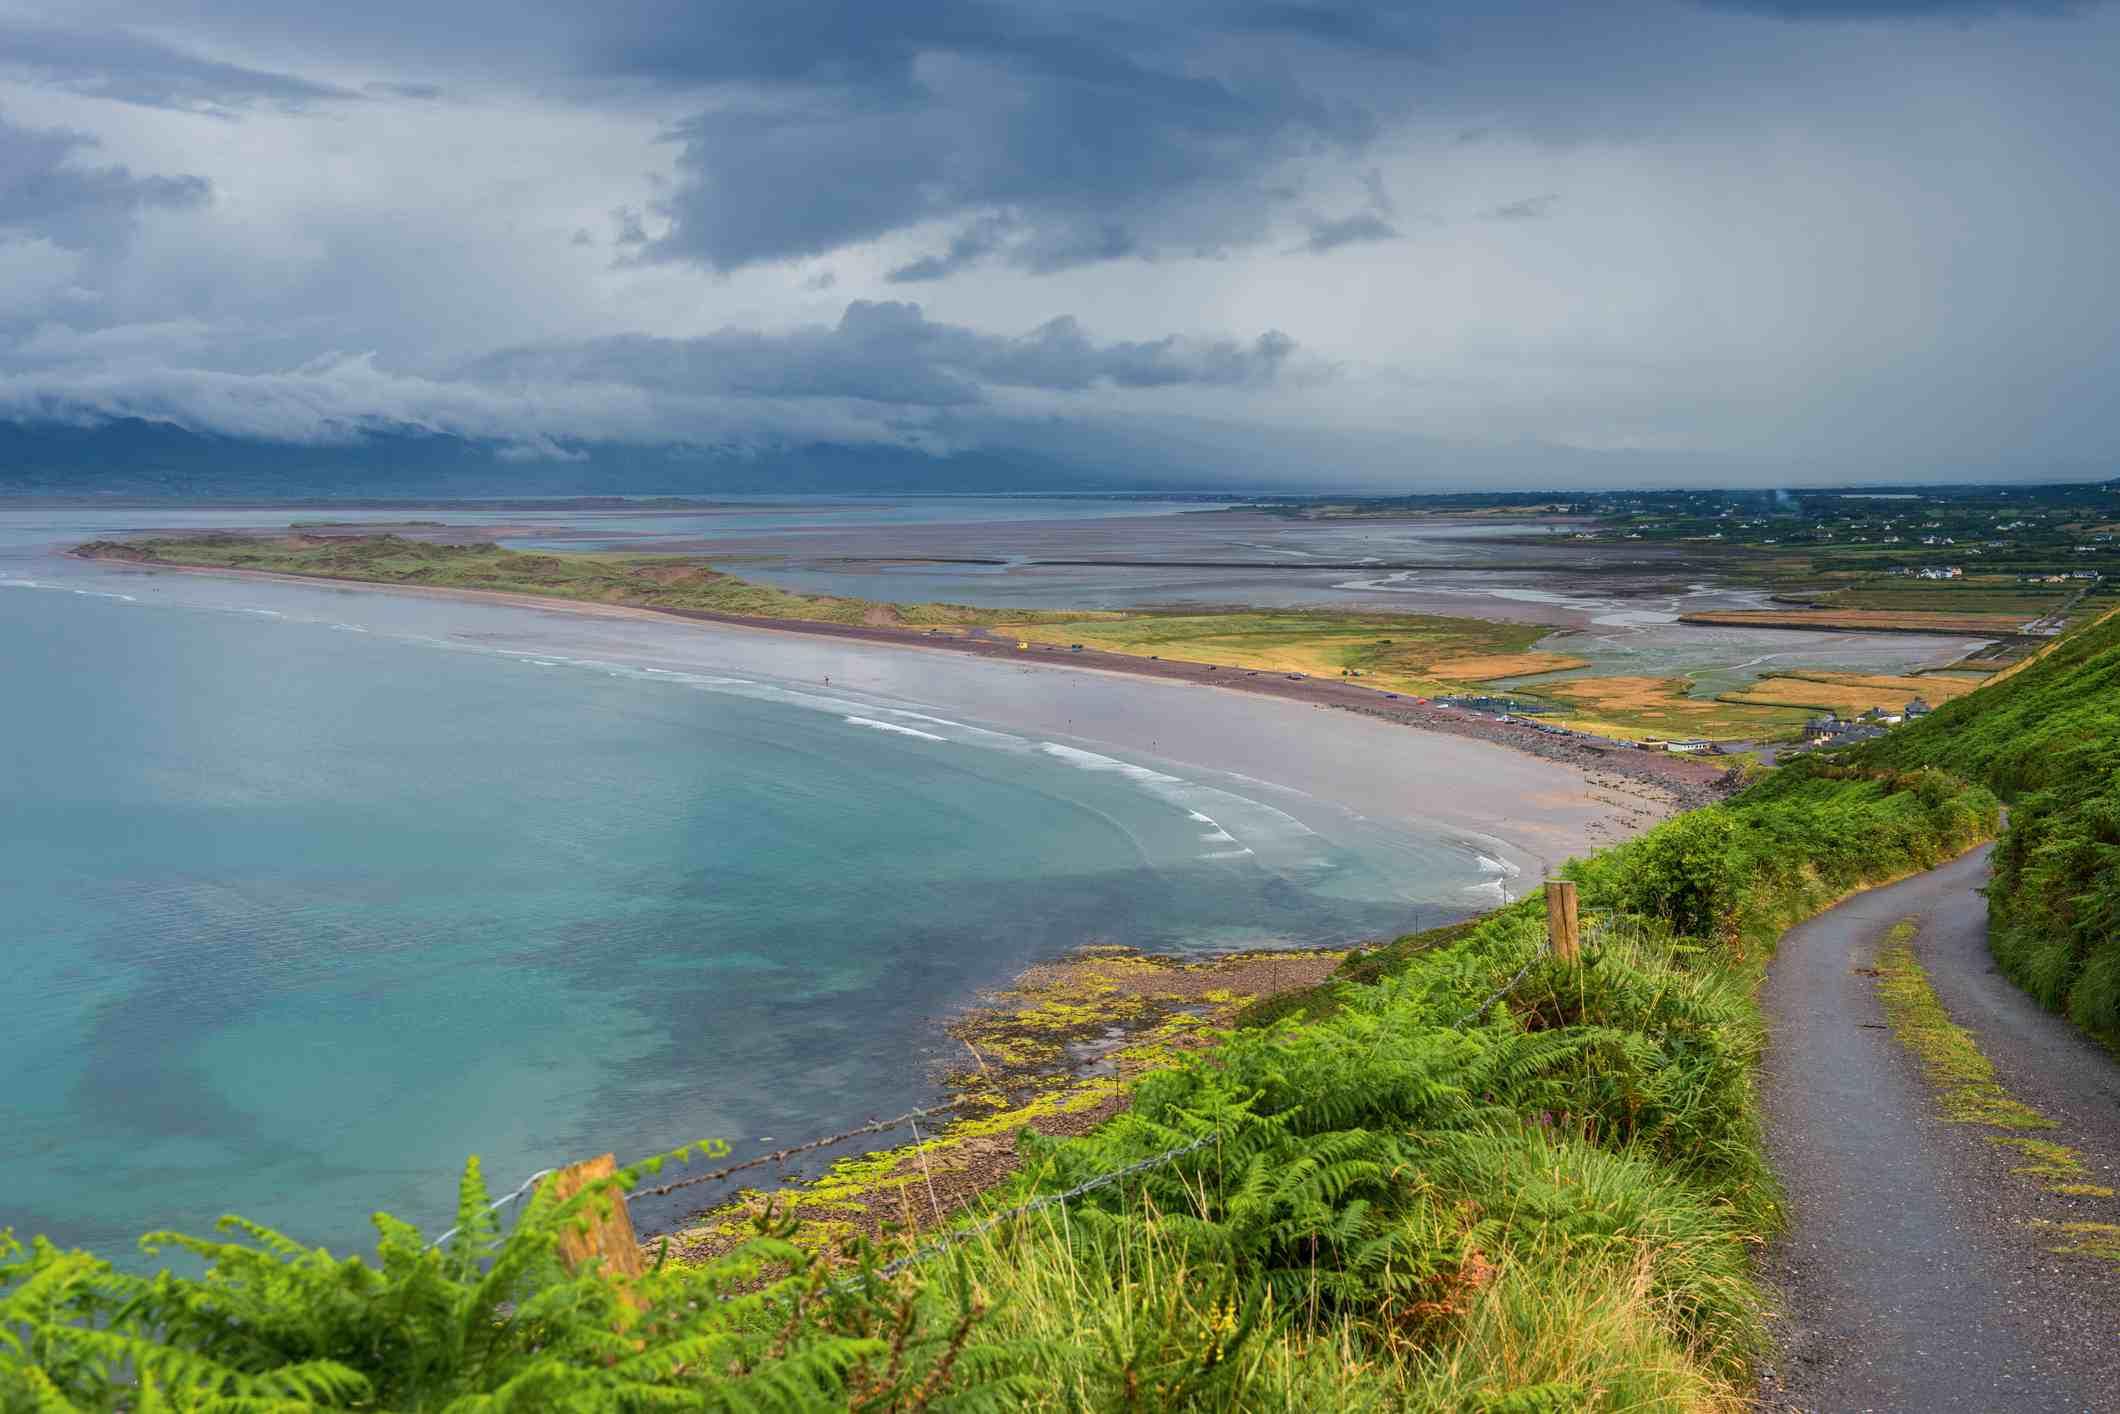 Glenbeigh Ireland view